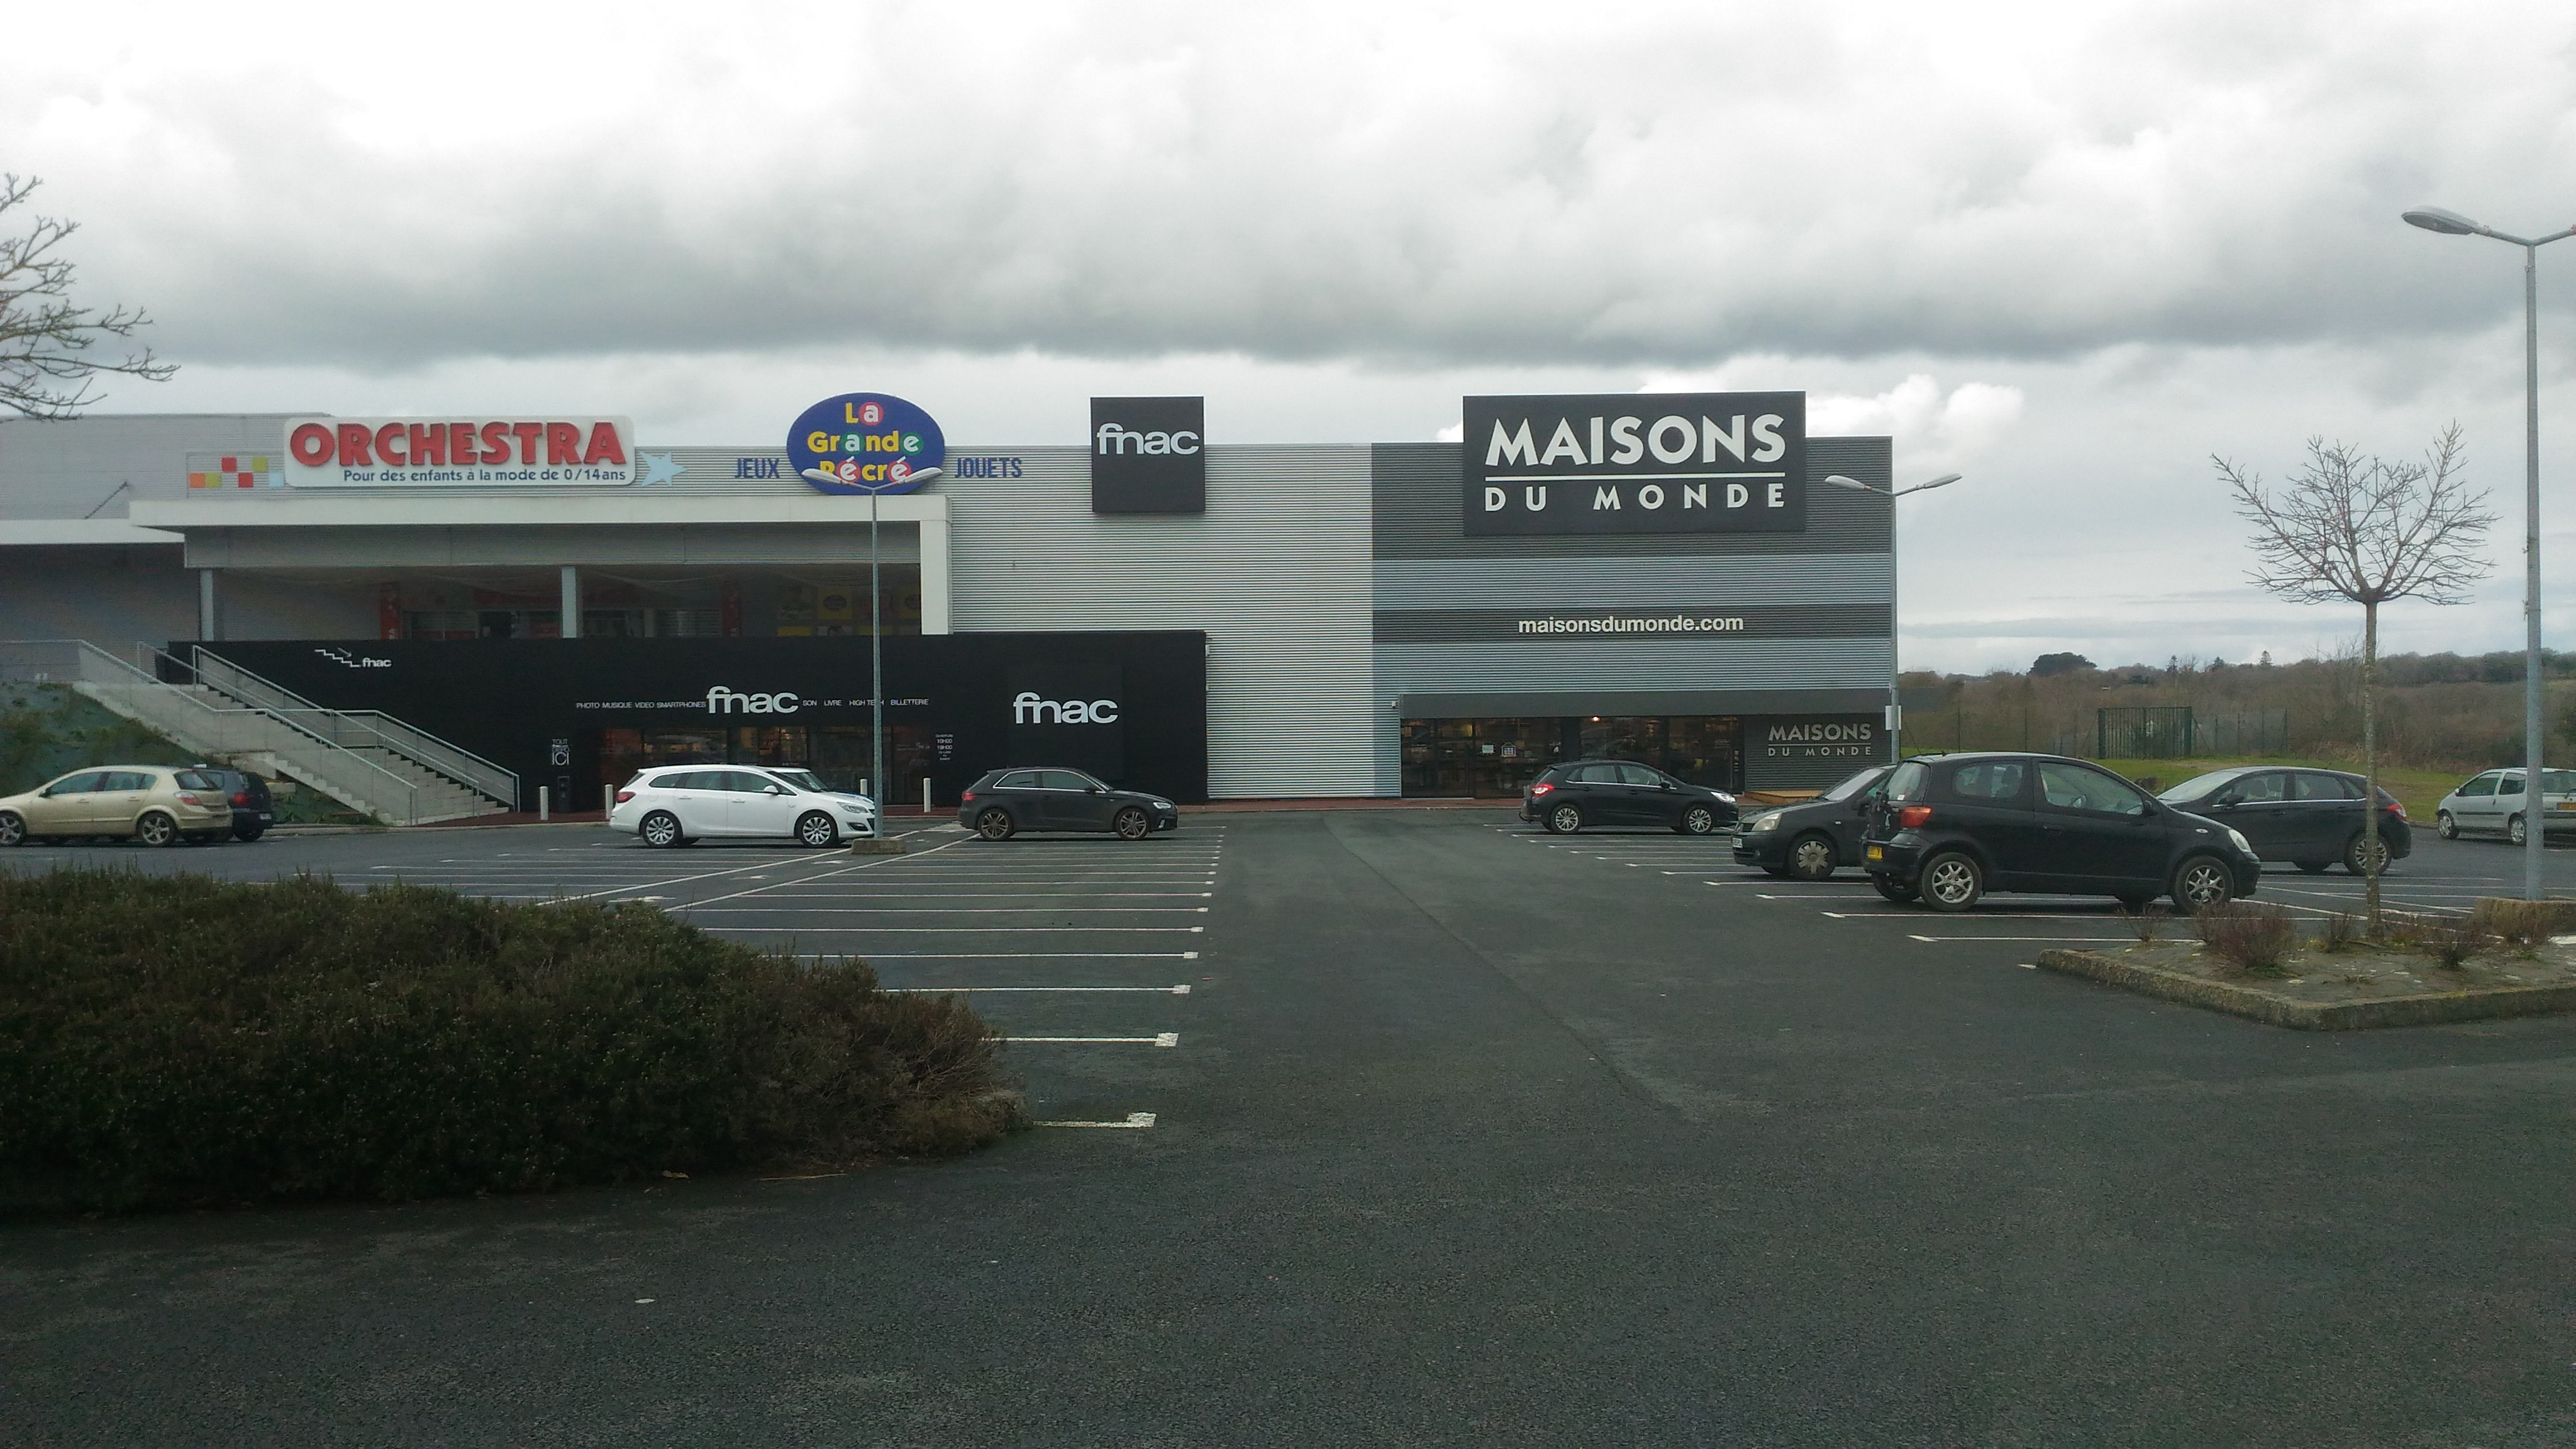 MAISONS DU MONDE  Immo Ouest - Immobilier commercial au Mans